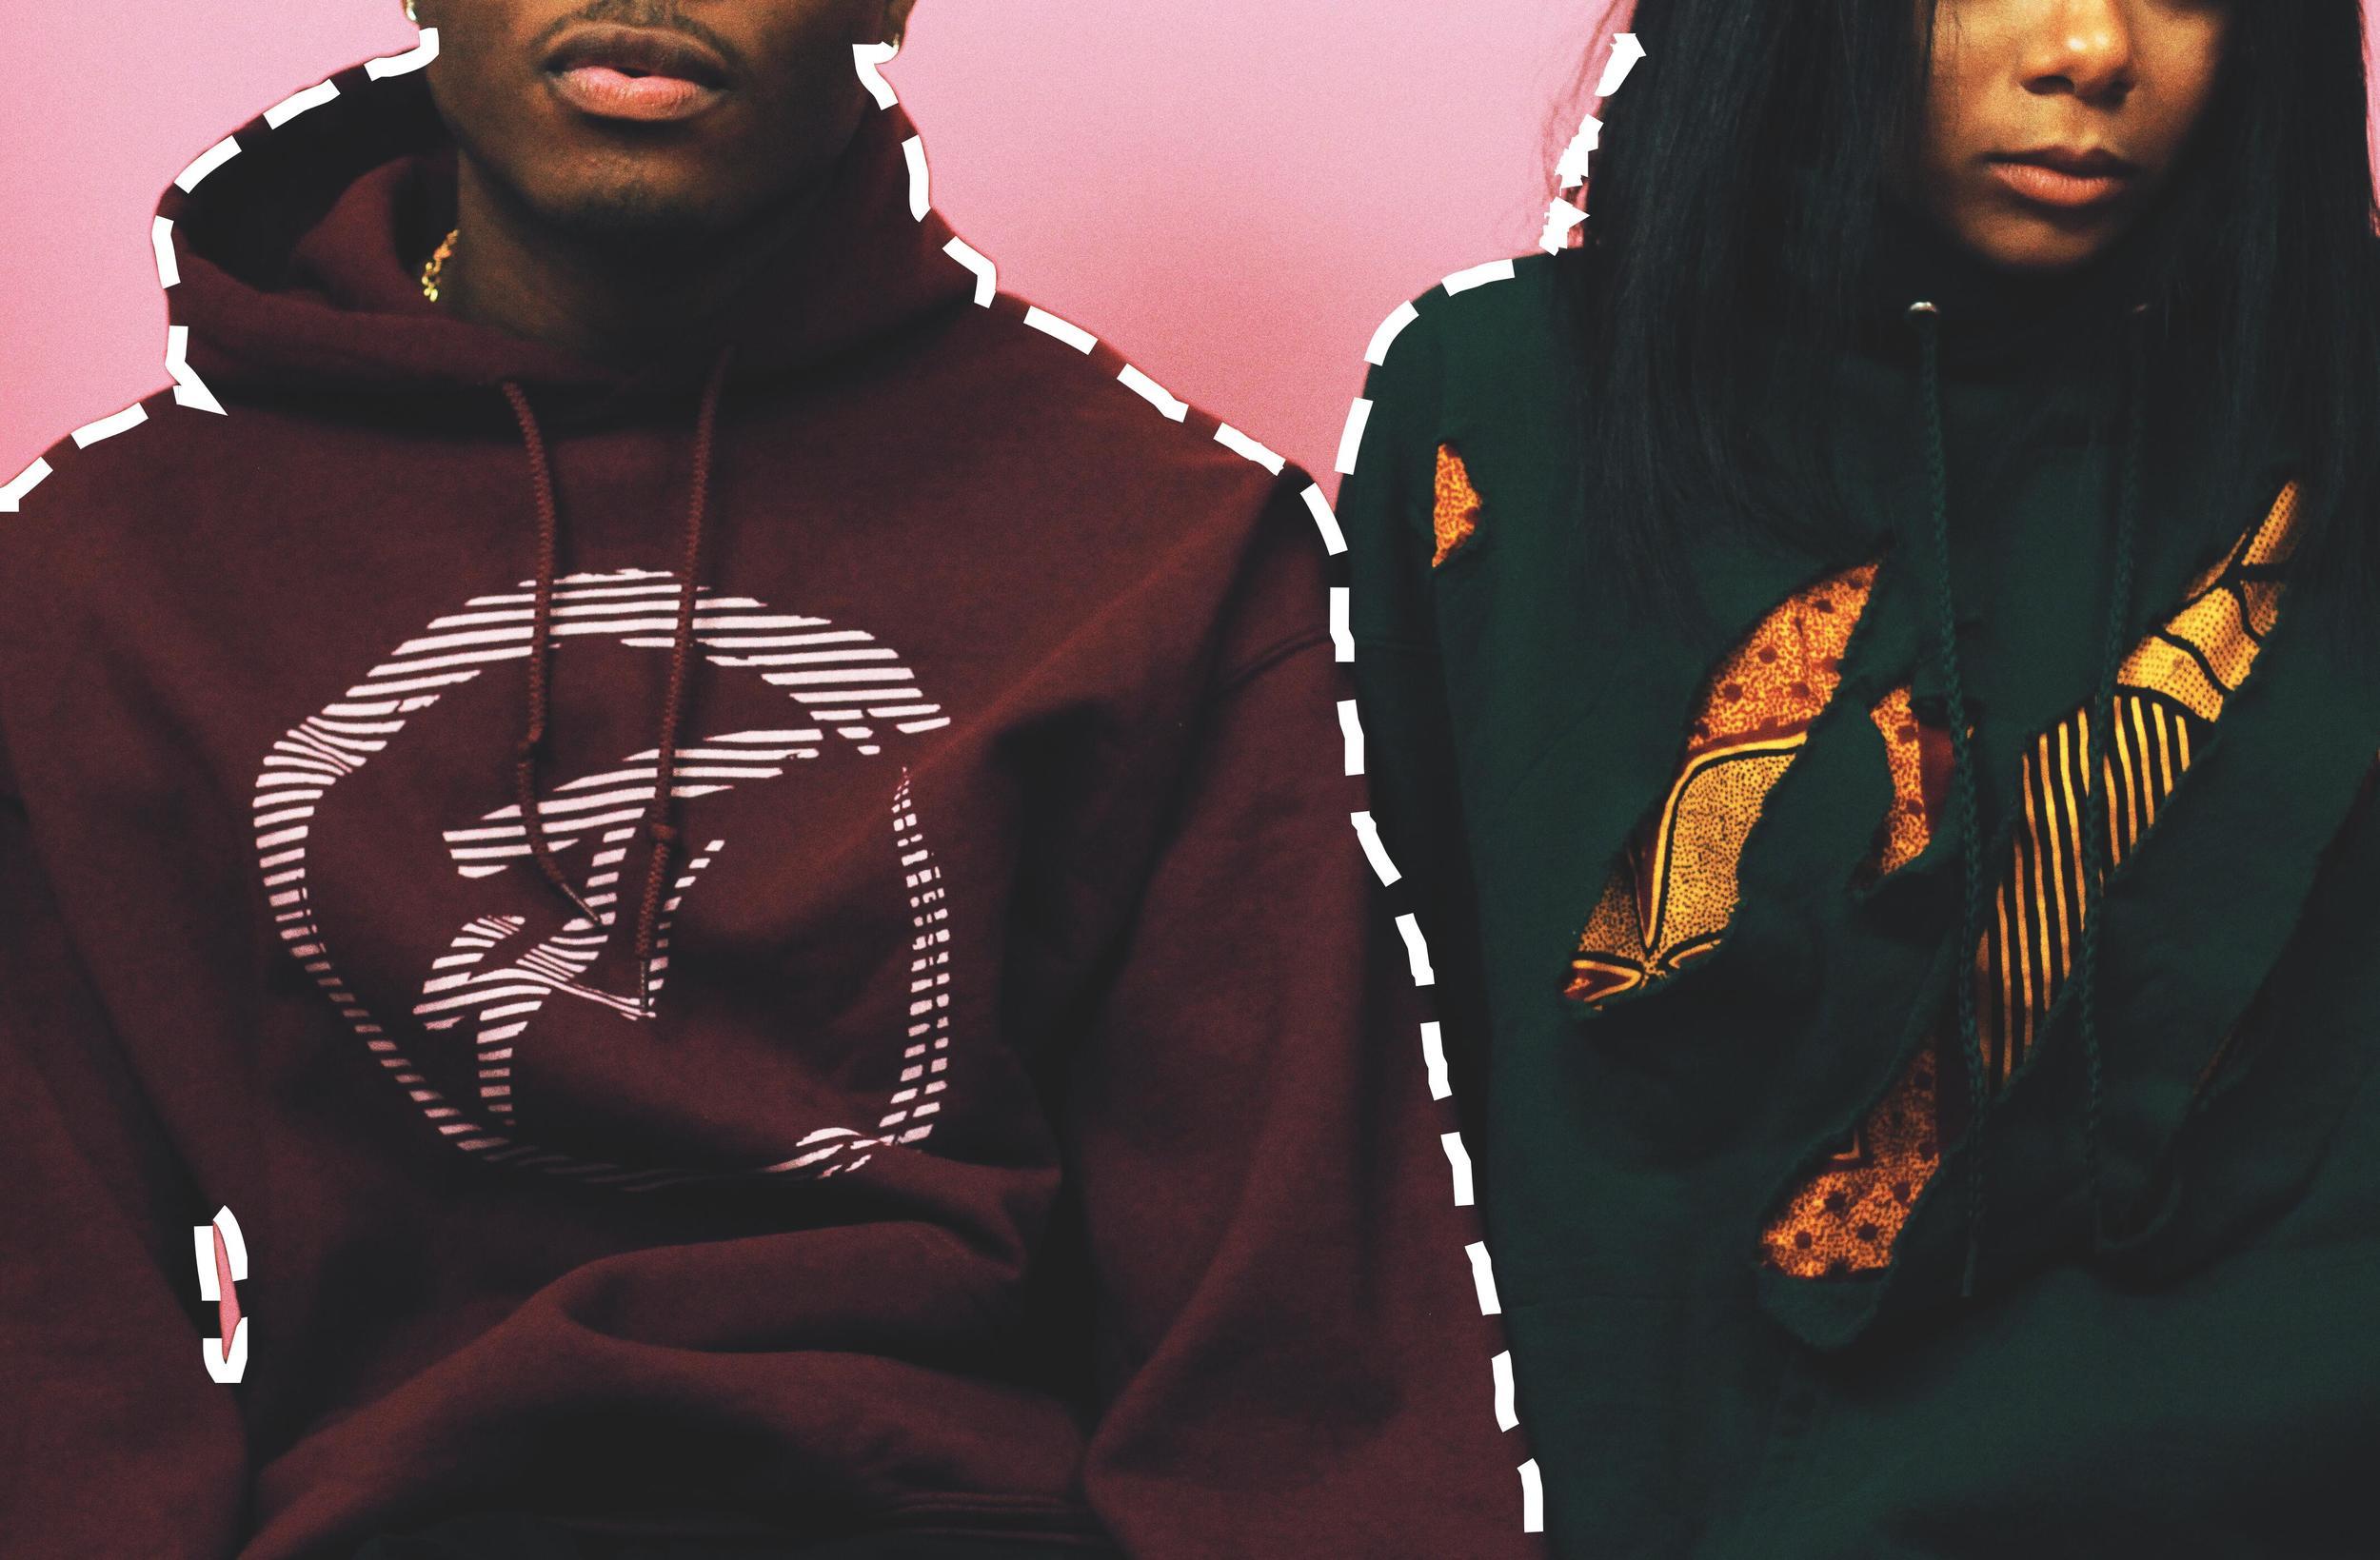 Models: @xxLimelight & @_XOXOJhordyn